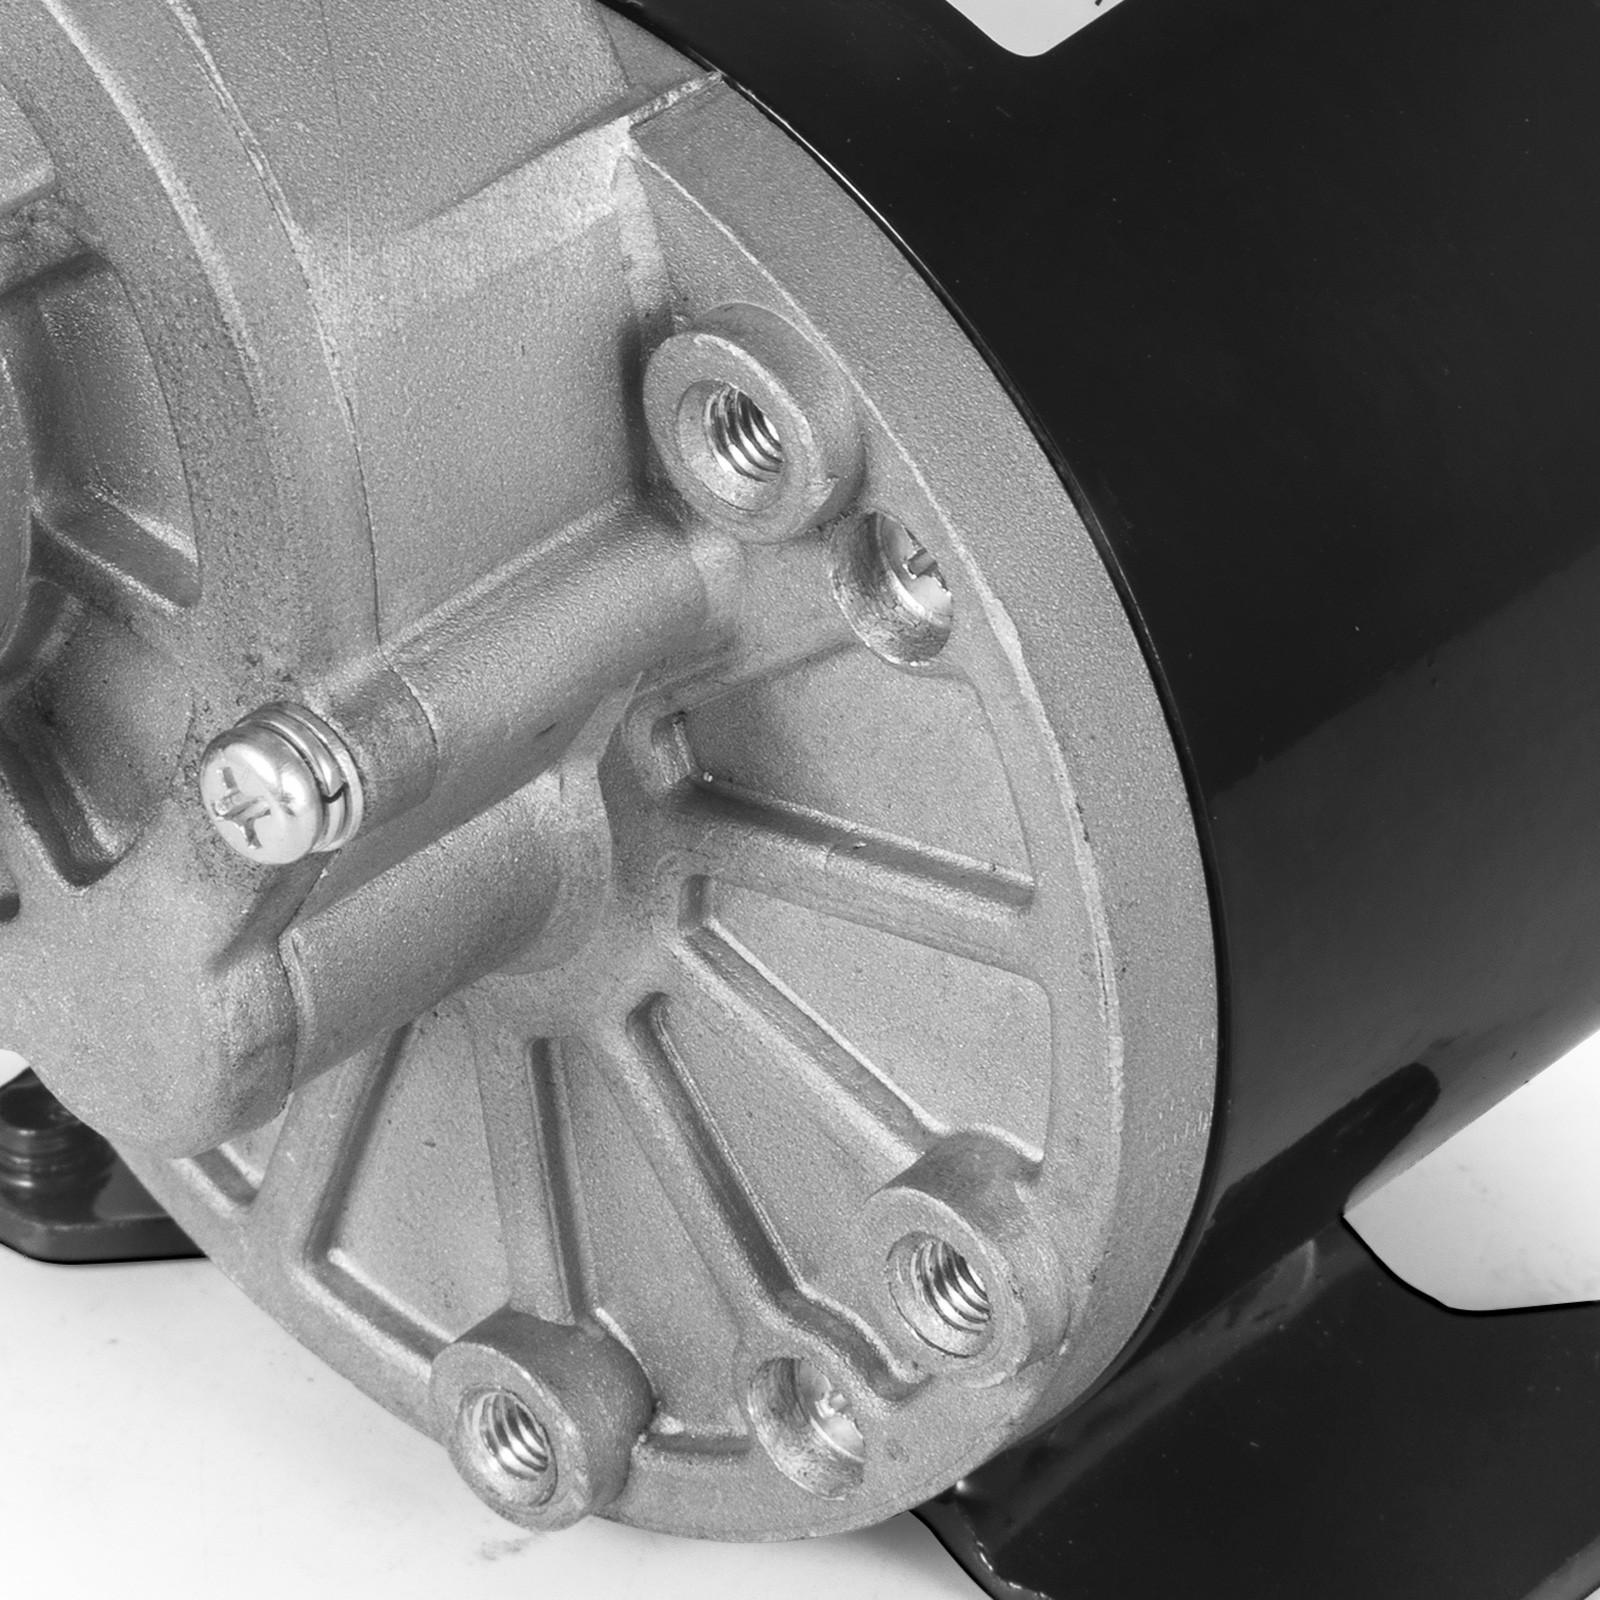 Electric-Motor-E-bike-Motor-controller-kit-DC-24v-12v-Minibike-E-Scooter-ATV thumbnail 56